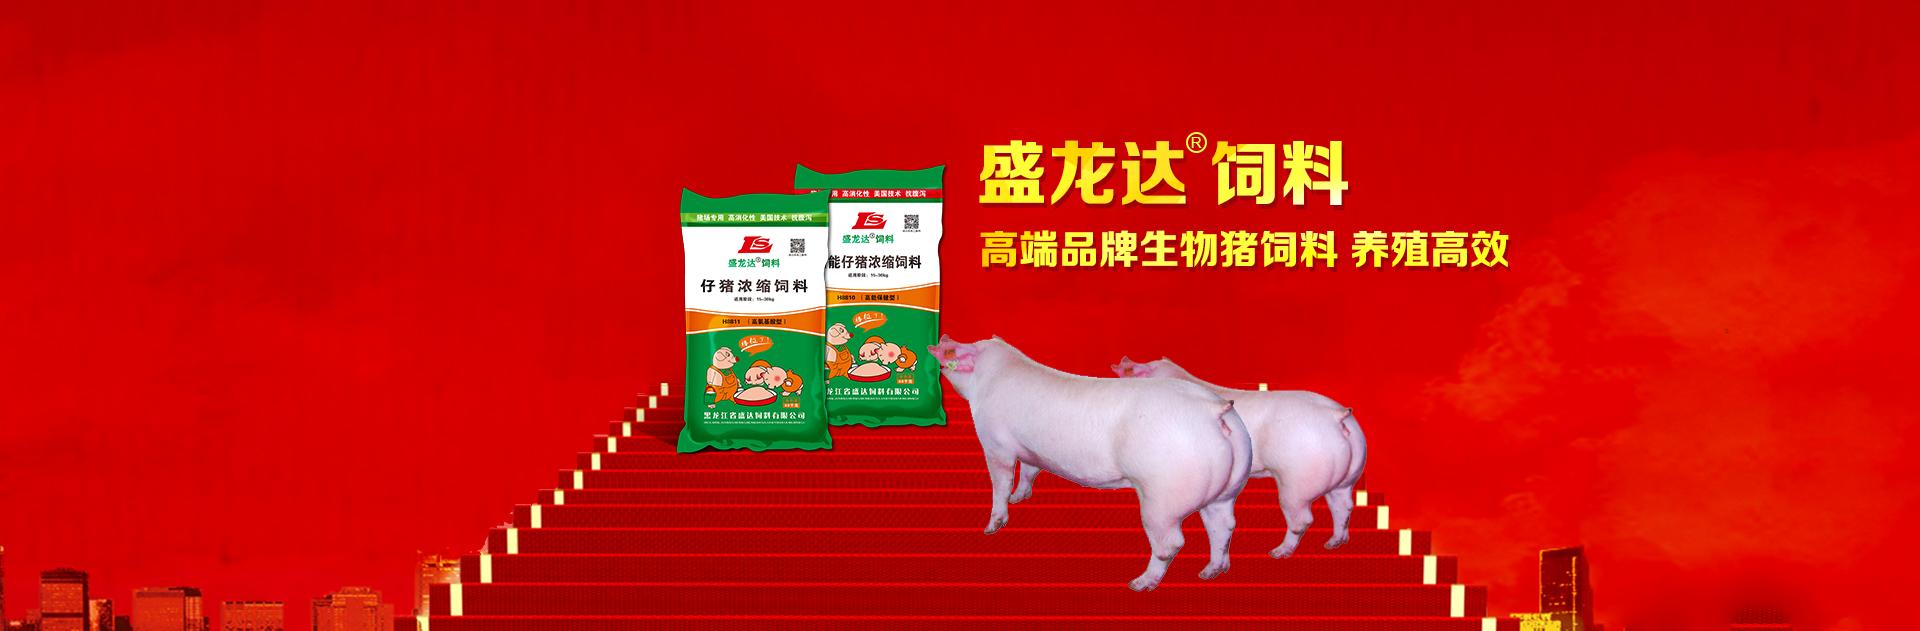 黑龙江猪饲料